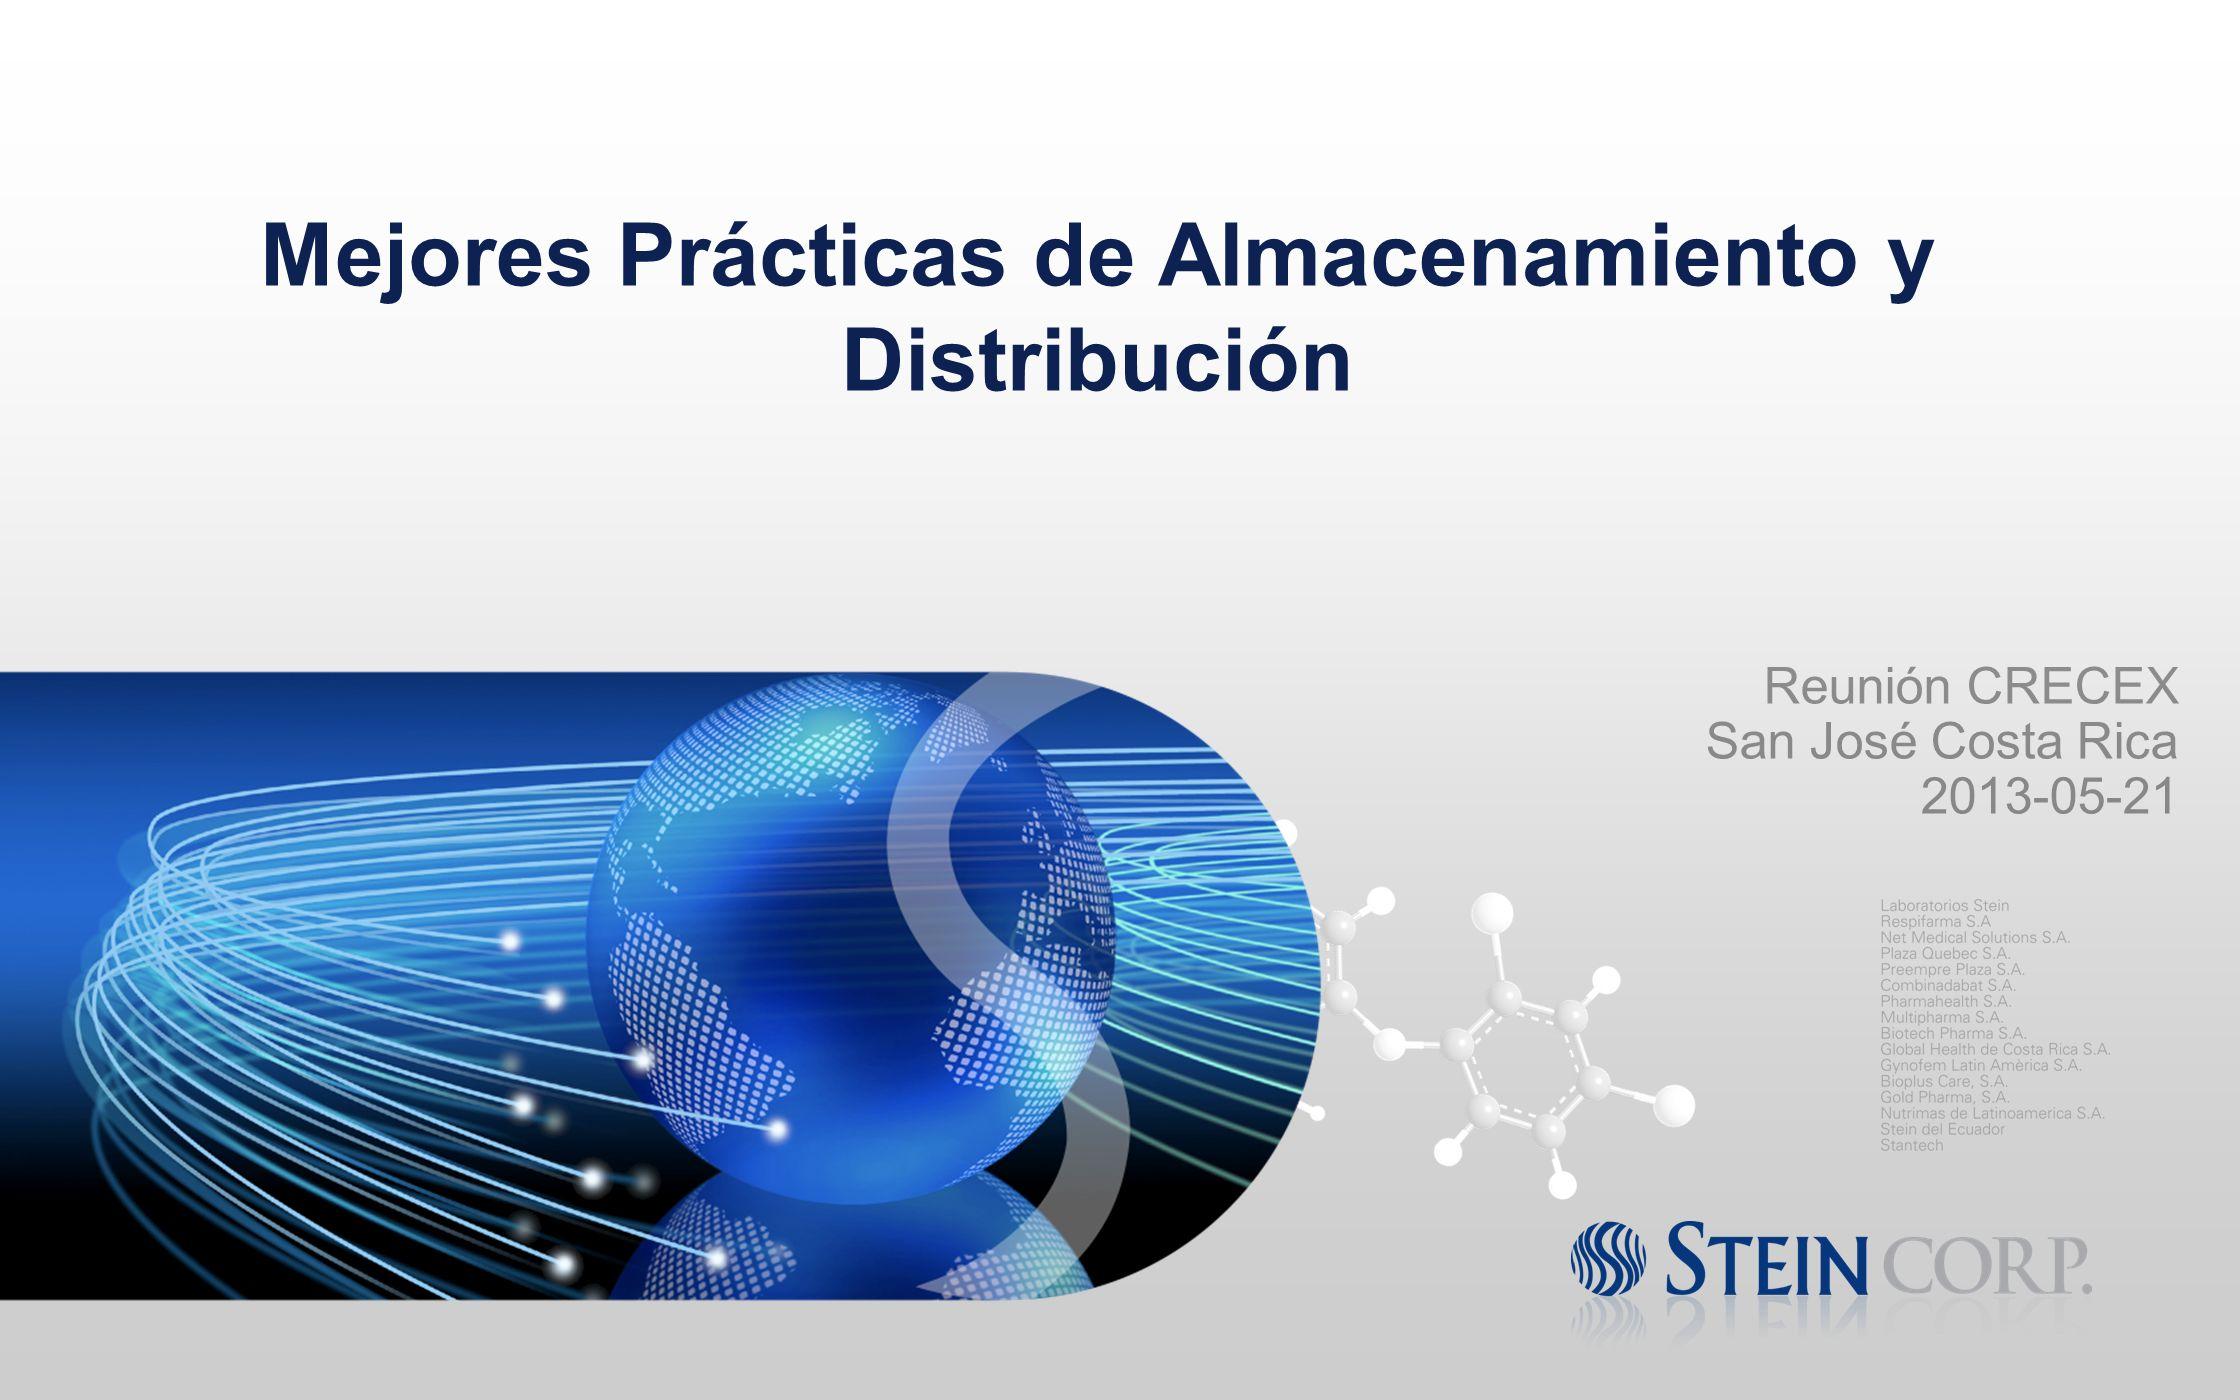 Reunión CRECEX San José Costa Rica 2013-05-21 Mejores Prácticas de Almacenamiento y Distribución